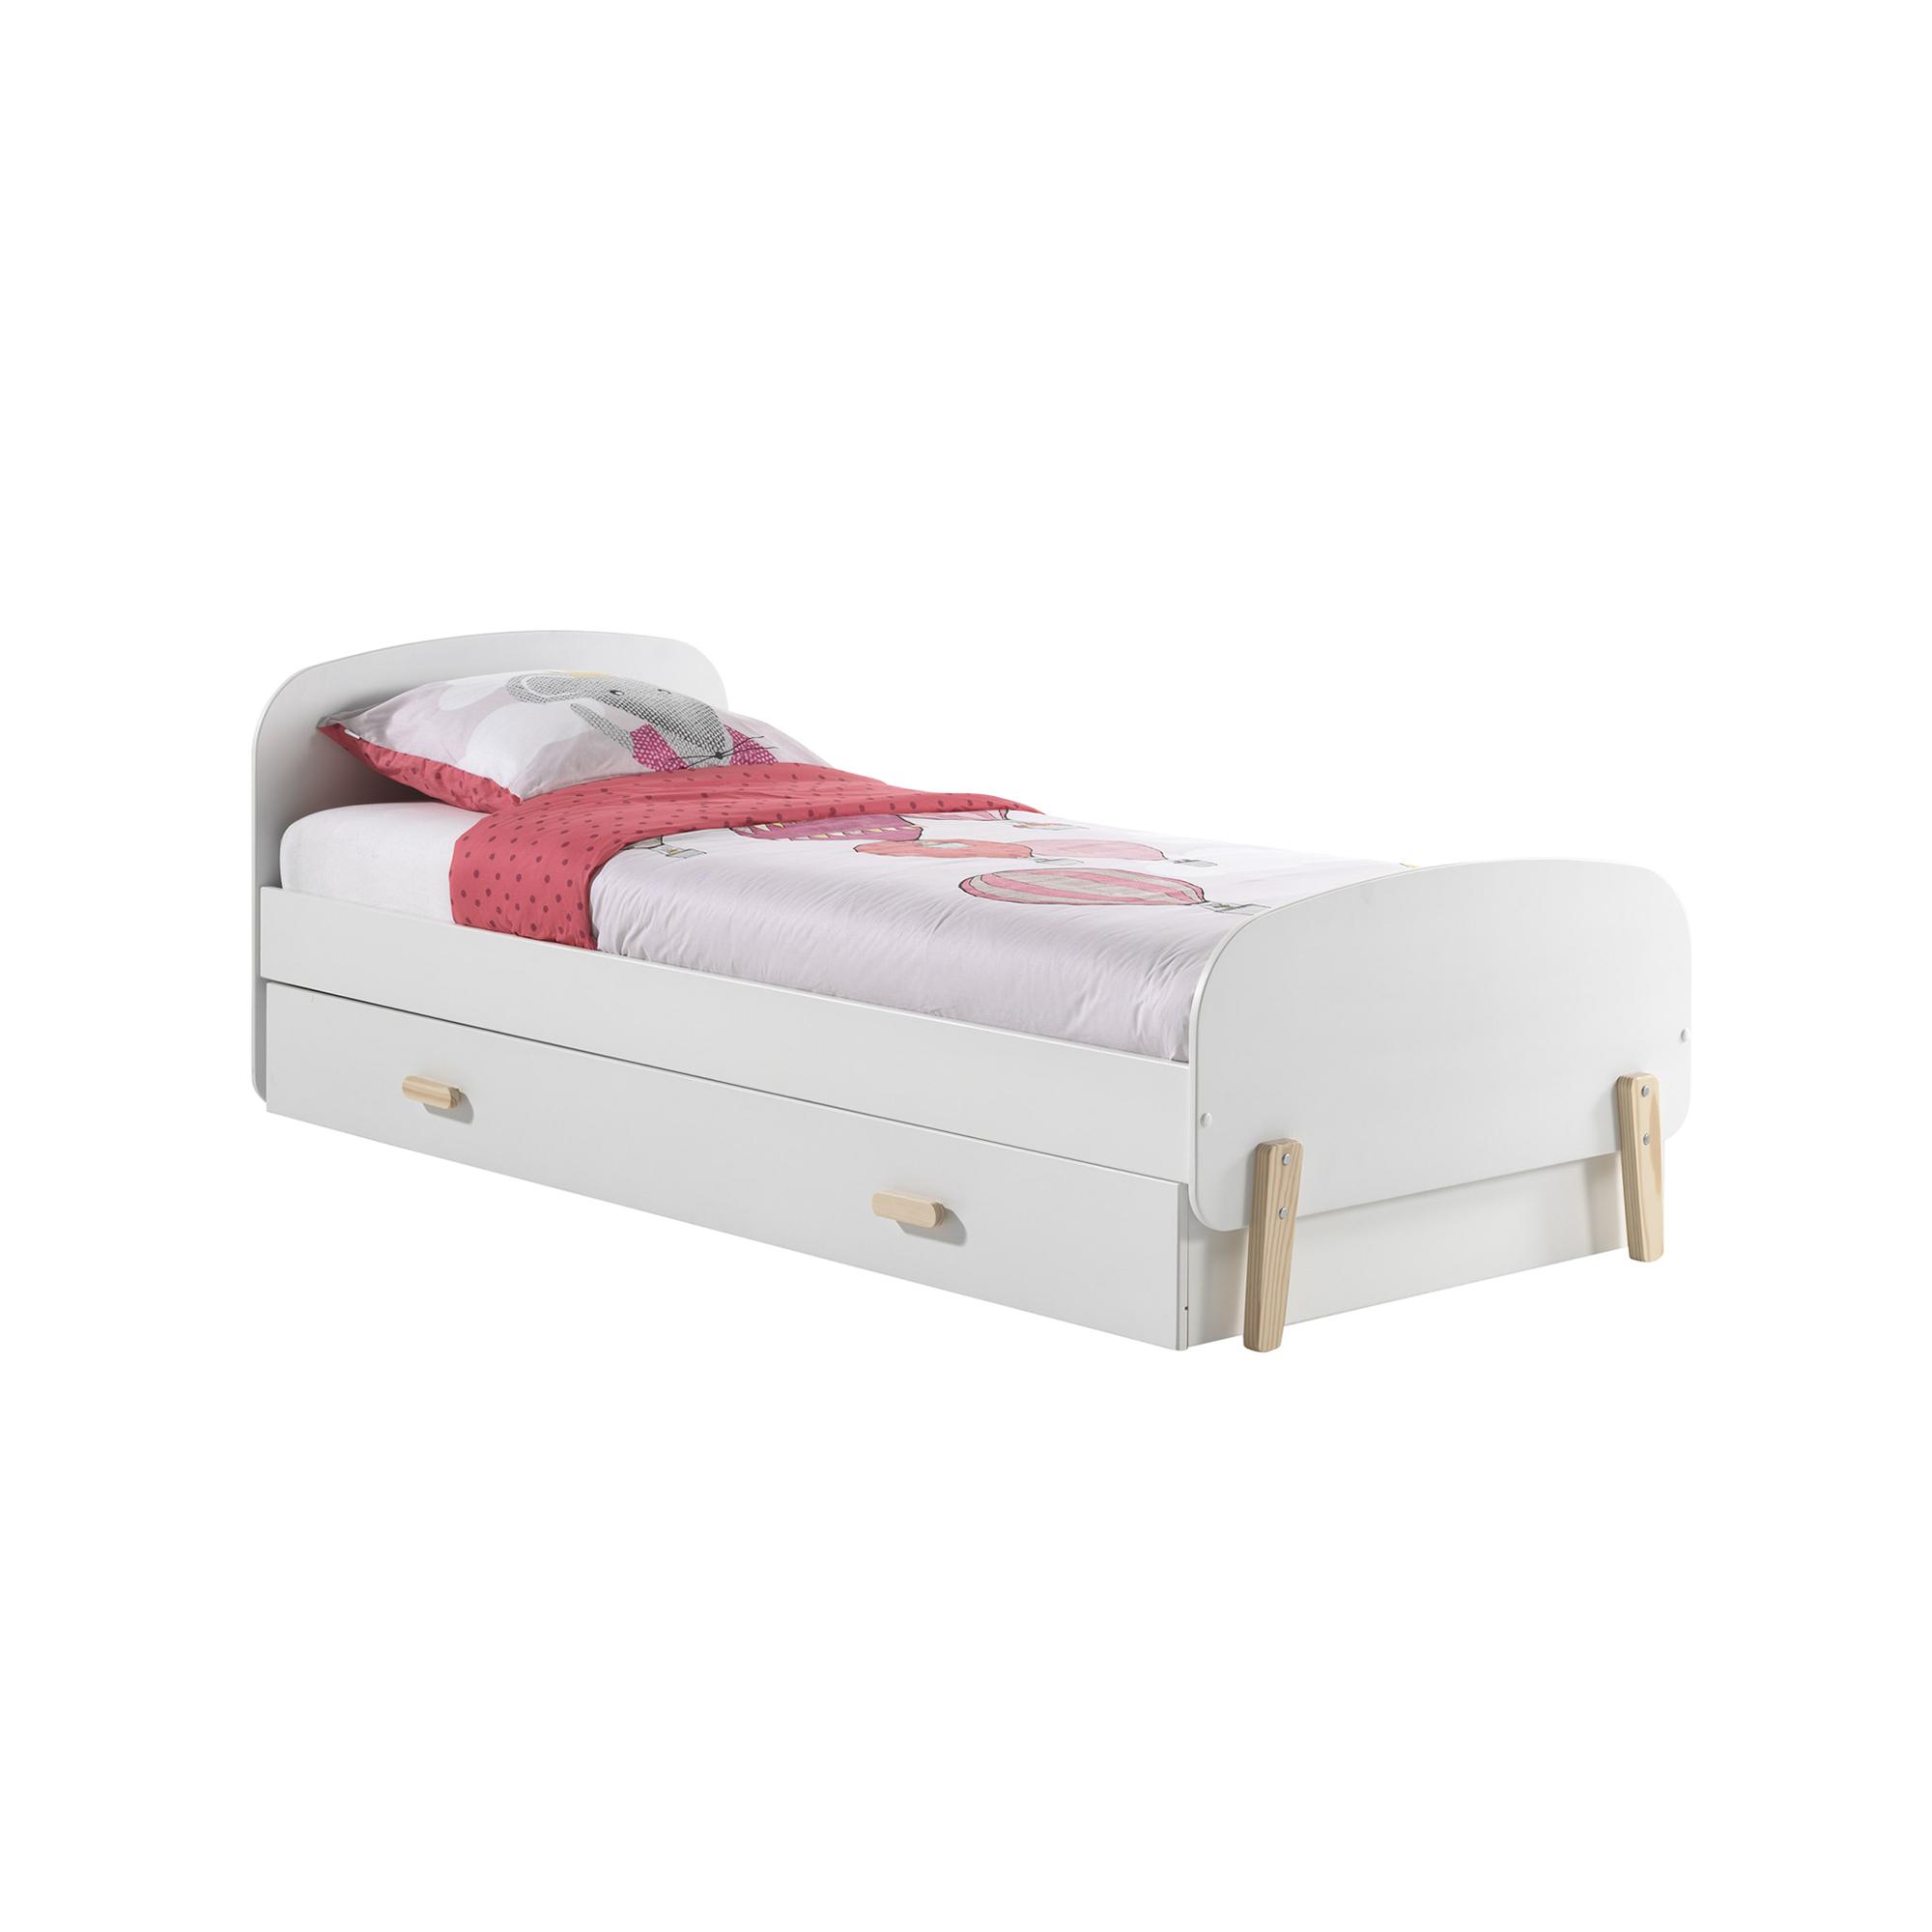 Schön Einzelbett Weiß Beste Wahl Kiddy - Mit Bettschublade - Liegefläche 90